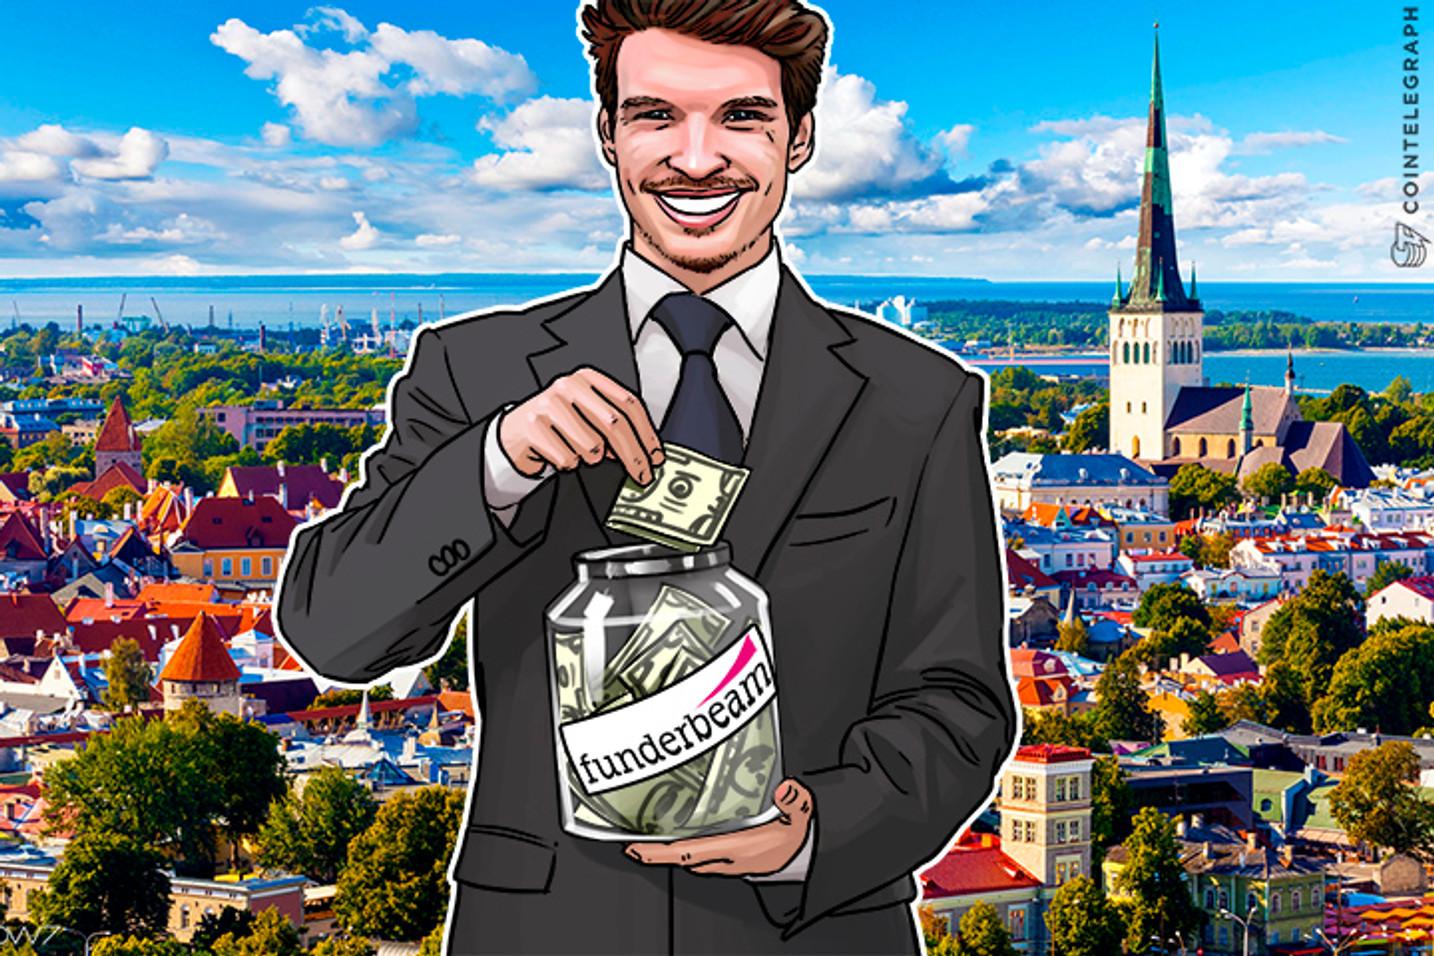 Funderbeam to Build Blockchain-based Stock Exchange for Startups, Raises $ 2.6Mln